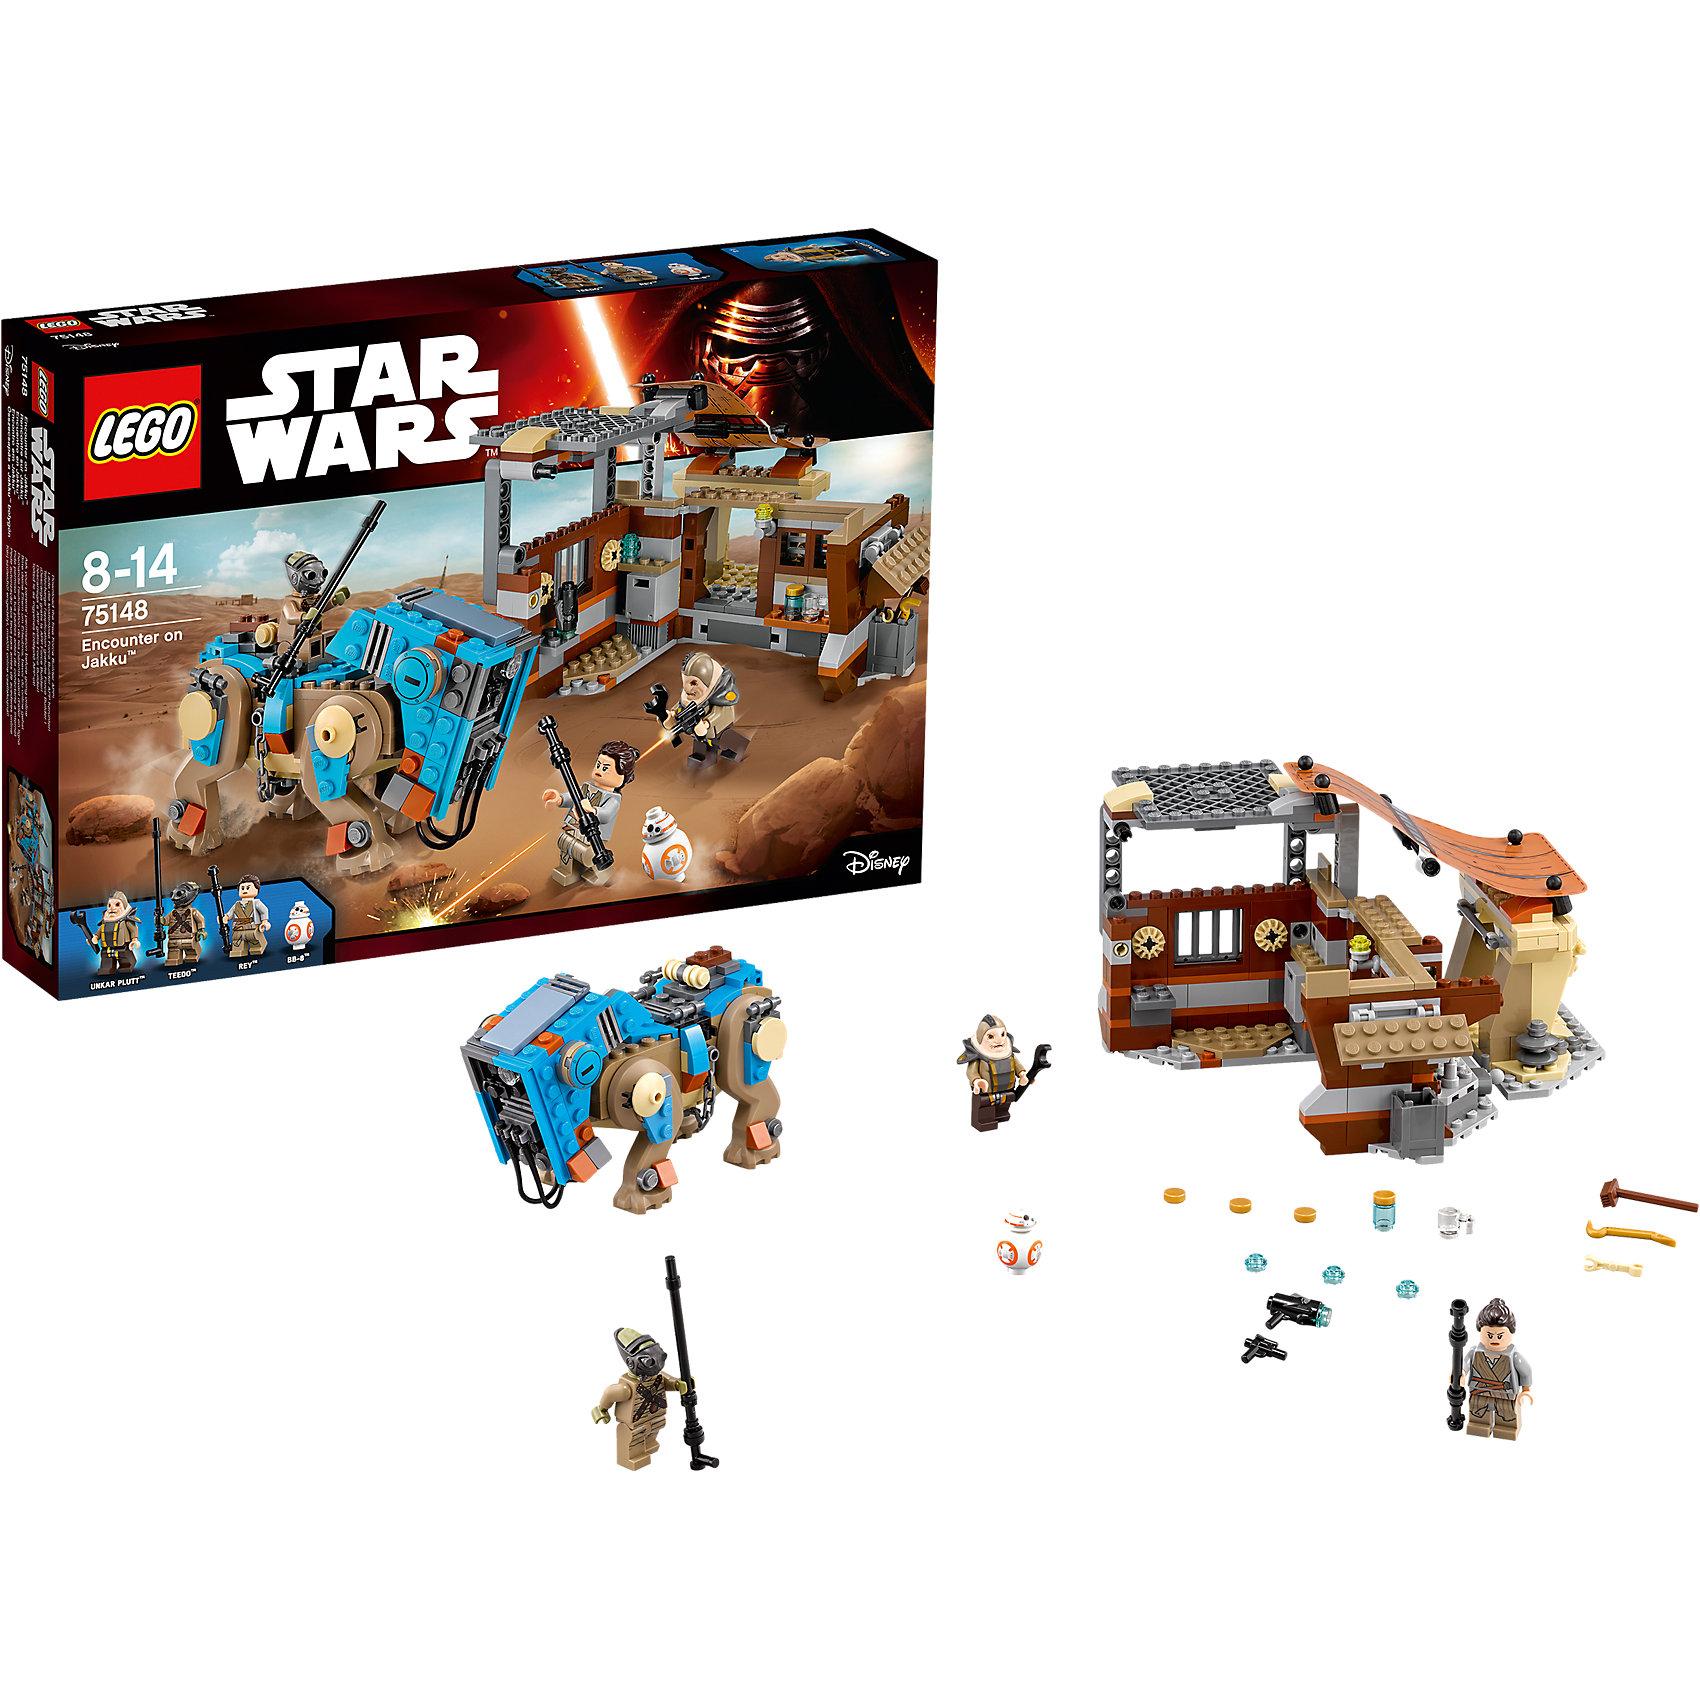 LEGO Star Wars 75148: Столкновение на ДжаккуФильм Звездные войны и его героев любят множество современных мальчишек, поэтому набор Лего Star Wars, из которого можно собрать интересный сюжет по этому фильму, обязательно порадует ребенка. Такие игрушки помогают детям развивать воображение, мелкую моторику, логику и творческое мышление.<br>Набор состоит из множества деталей конструктора - с их помощью можно собрать декорации для игр, транспорт, а также в нем есть фигурки любимых персонажей! С таким комплектом можно придумать множество игр!<br><br>Дополнительная информация:<br><br>цвет: разноцветный;<br>размер коробки: 38 х 6 х 26 см;<br>вес: 633 г;<br>материал: пластик;<br>количество деталей: 530.<br><br>Набор Столкновение на Джакку от бренда LEGO Star Wars можно купить в нашем магазине.<br><br>Ширина мм: 385<br>Глубина мм: 263<br>Высота мм: 63<br>Вес г: 690<br>Возраст от месяцев: 96<br>Возраст до месяцев: 168<br>Пол: Мужской<br>Возраст: Детский<br>SKU: 4641251